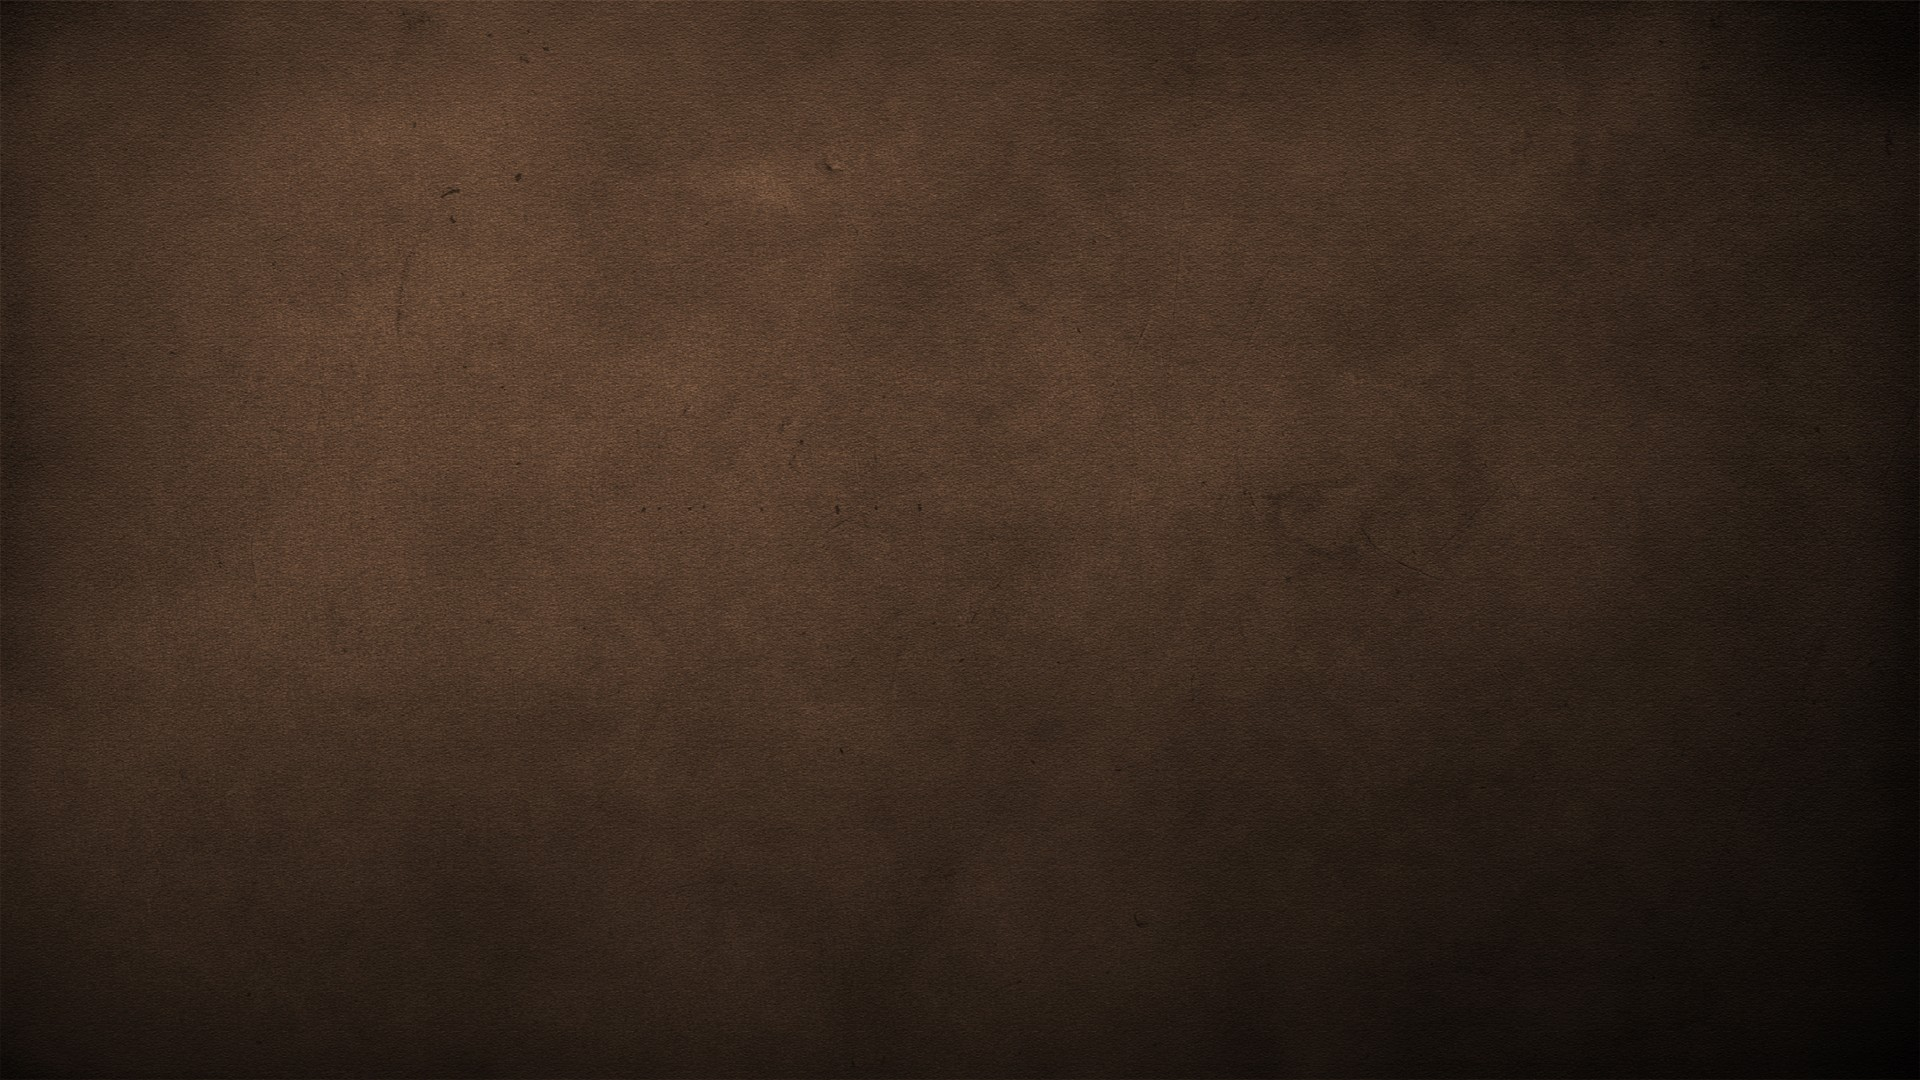 Minimalistic Brown Wallpaper 1920x1080 Minimalistic Brown Textures 1920x1080